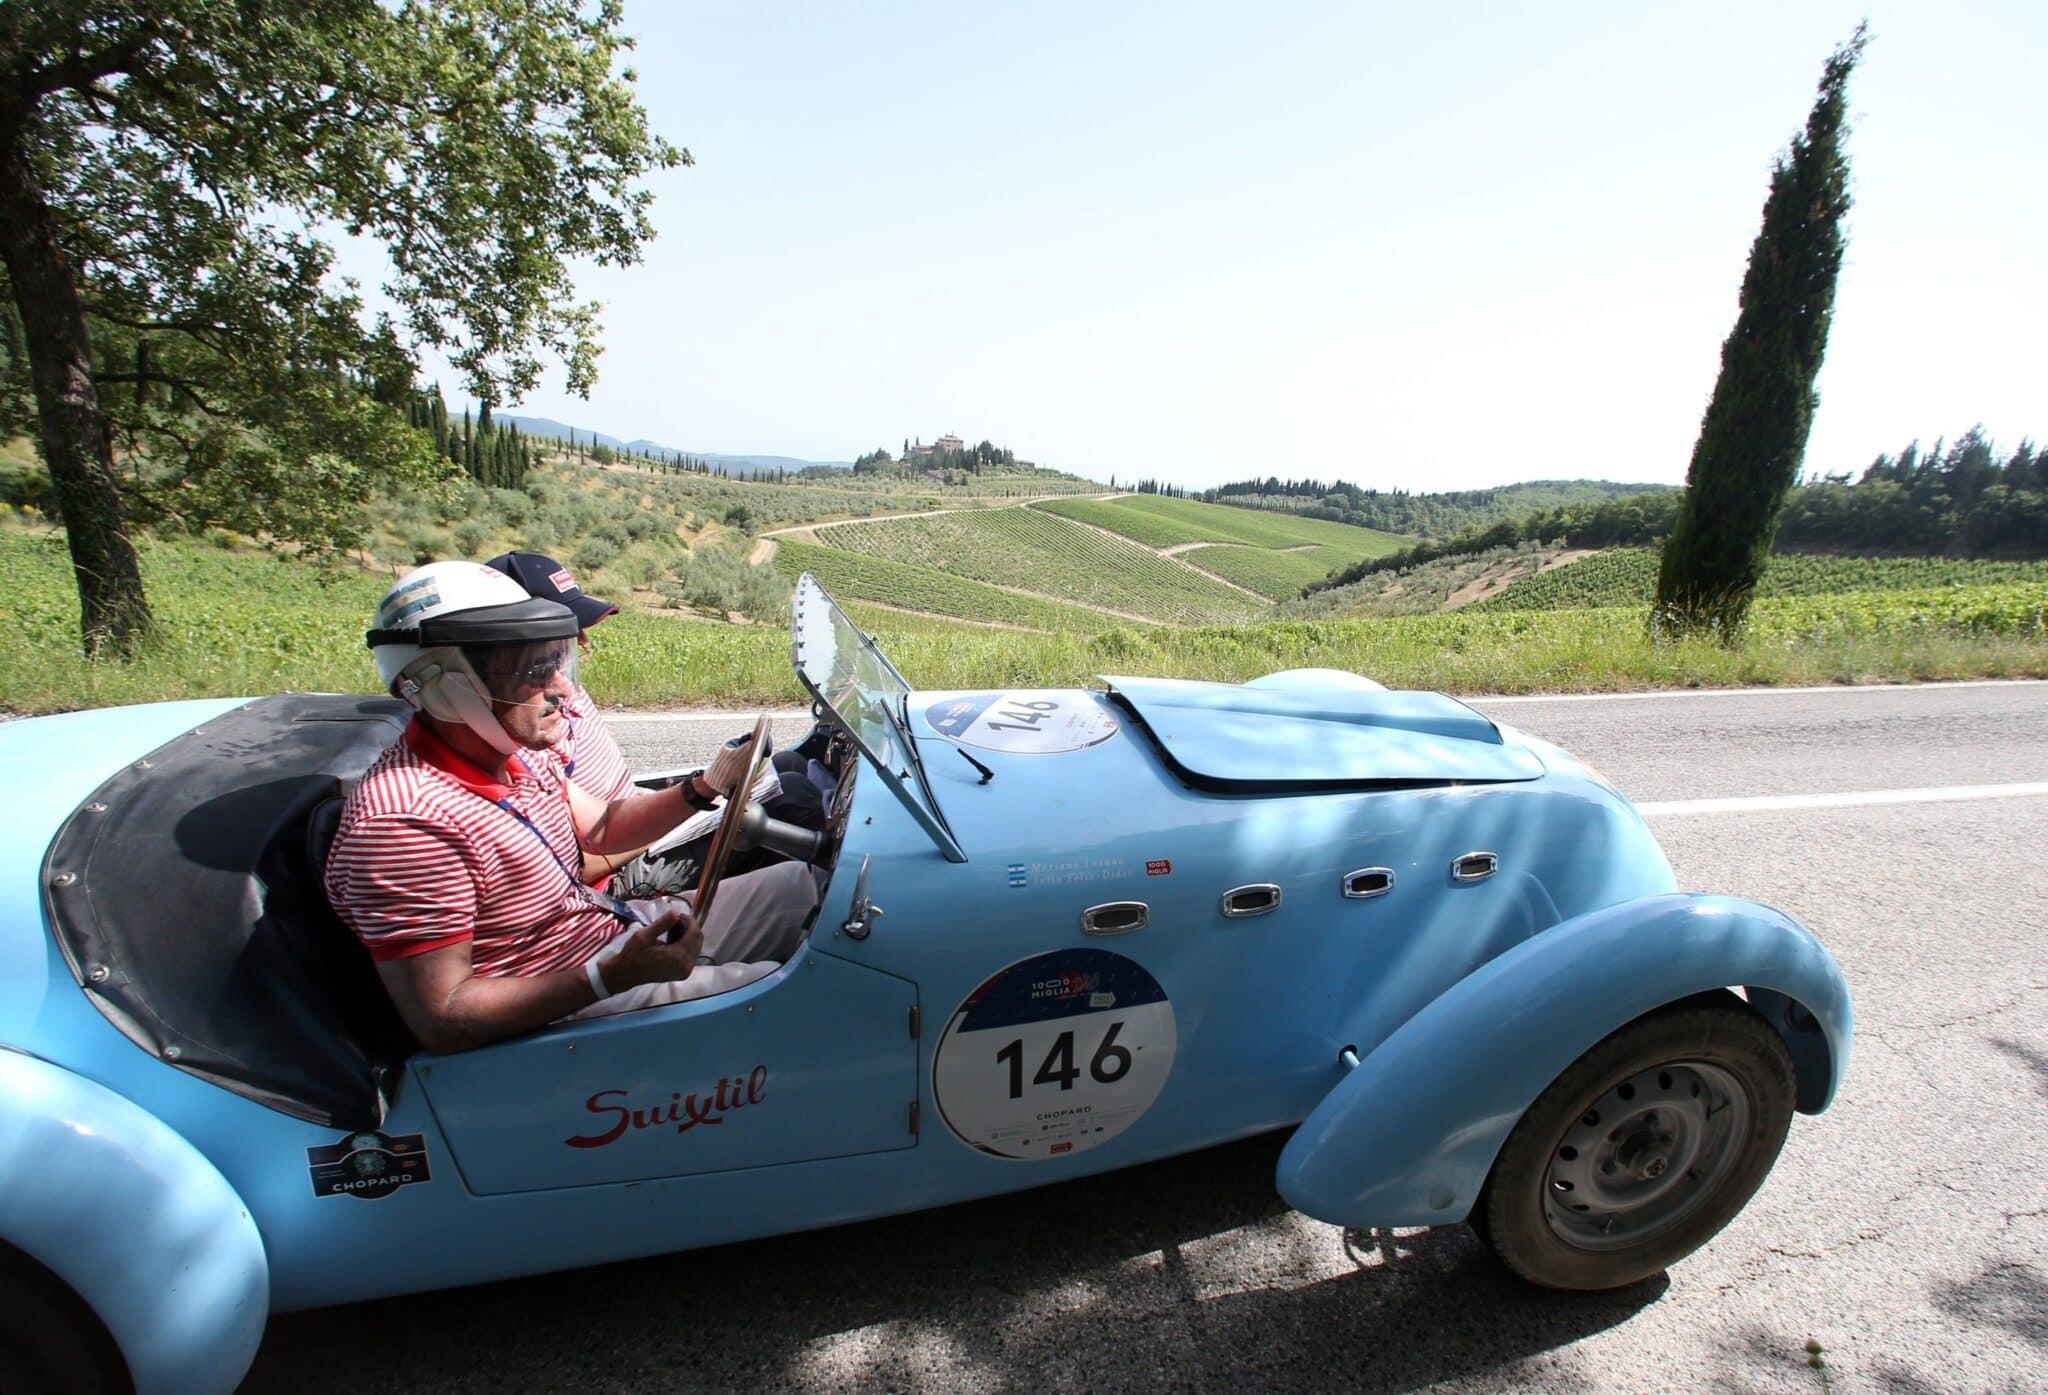 Healey 2400 Silverstone D-Typ de 1949 durante la Mille Miglia (Italia).